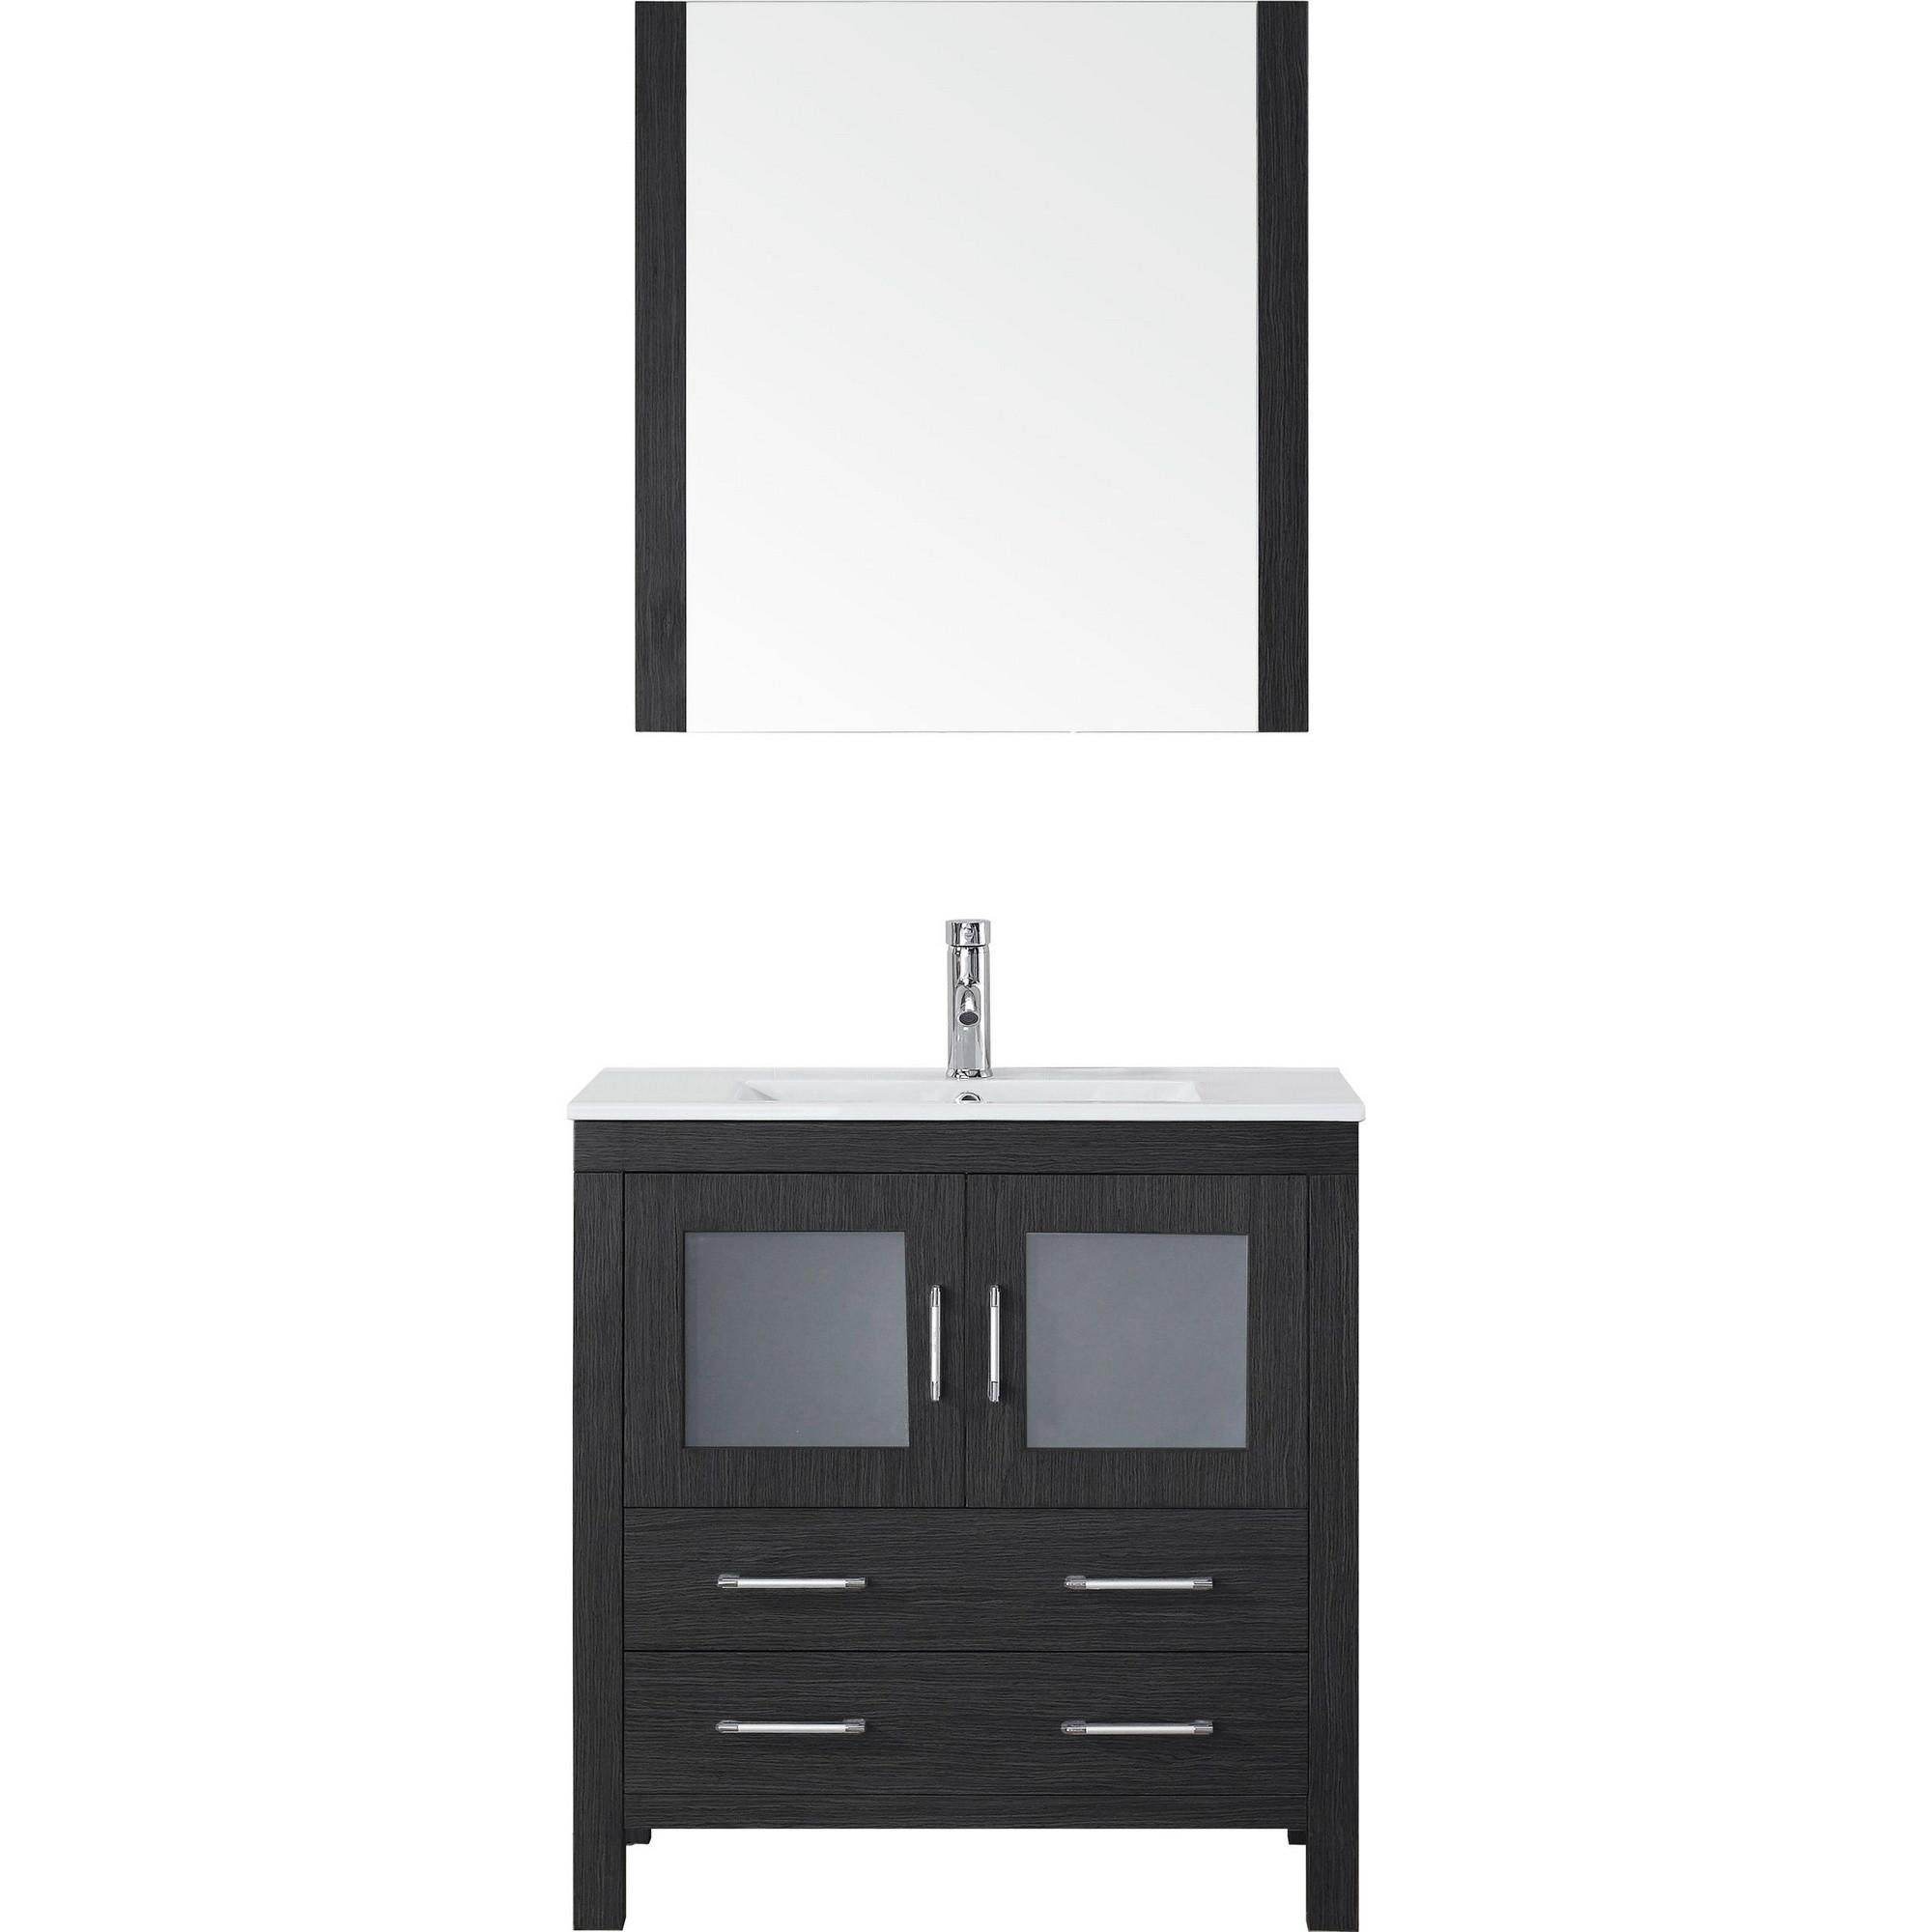 Virtu KS-70032-C-ZG Vanity Set in Zebra Grey with Ceramic Countertop